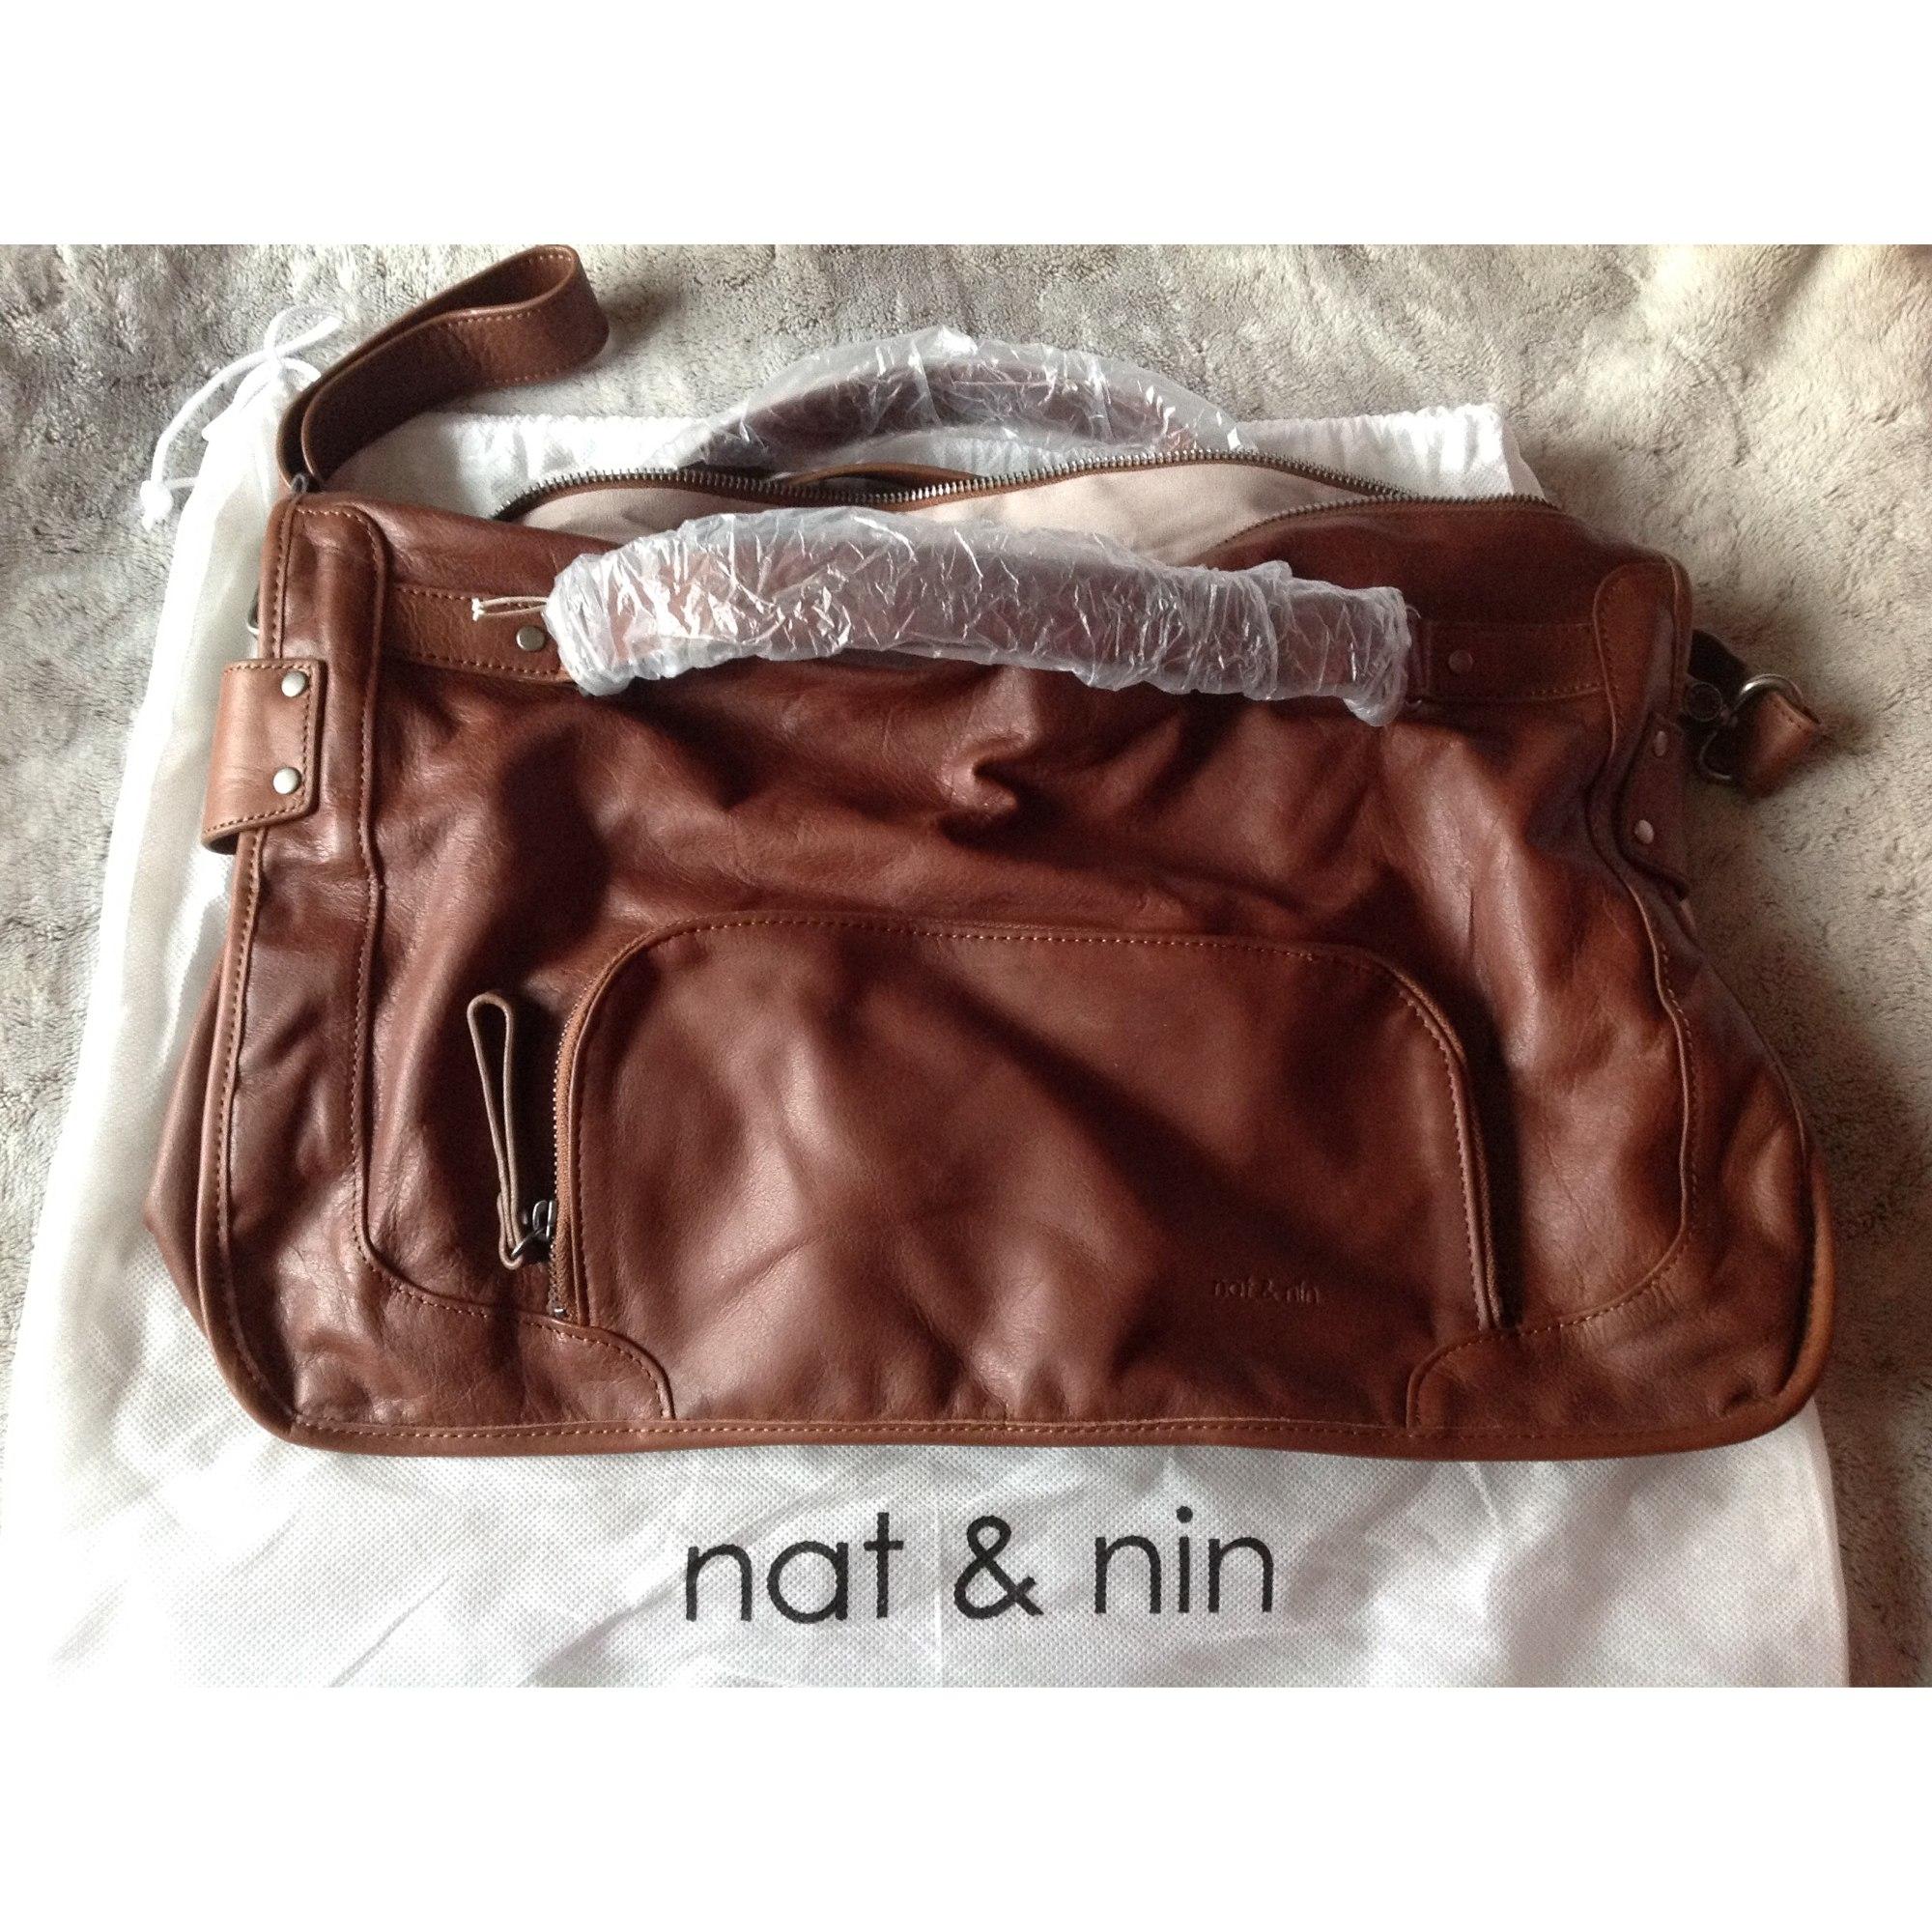 6ed7f63de8 Sac à main en cuir NAT & NIN marron vendu par Amélie 139 - 3375896